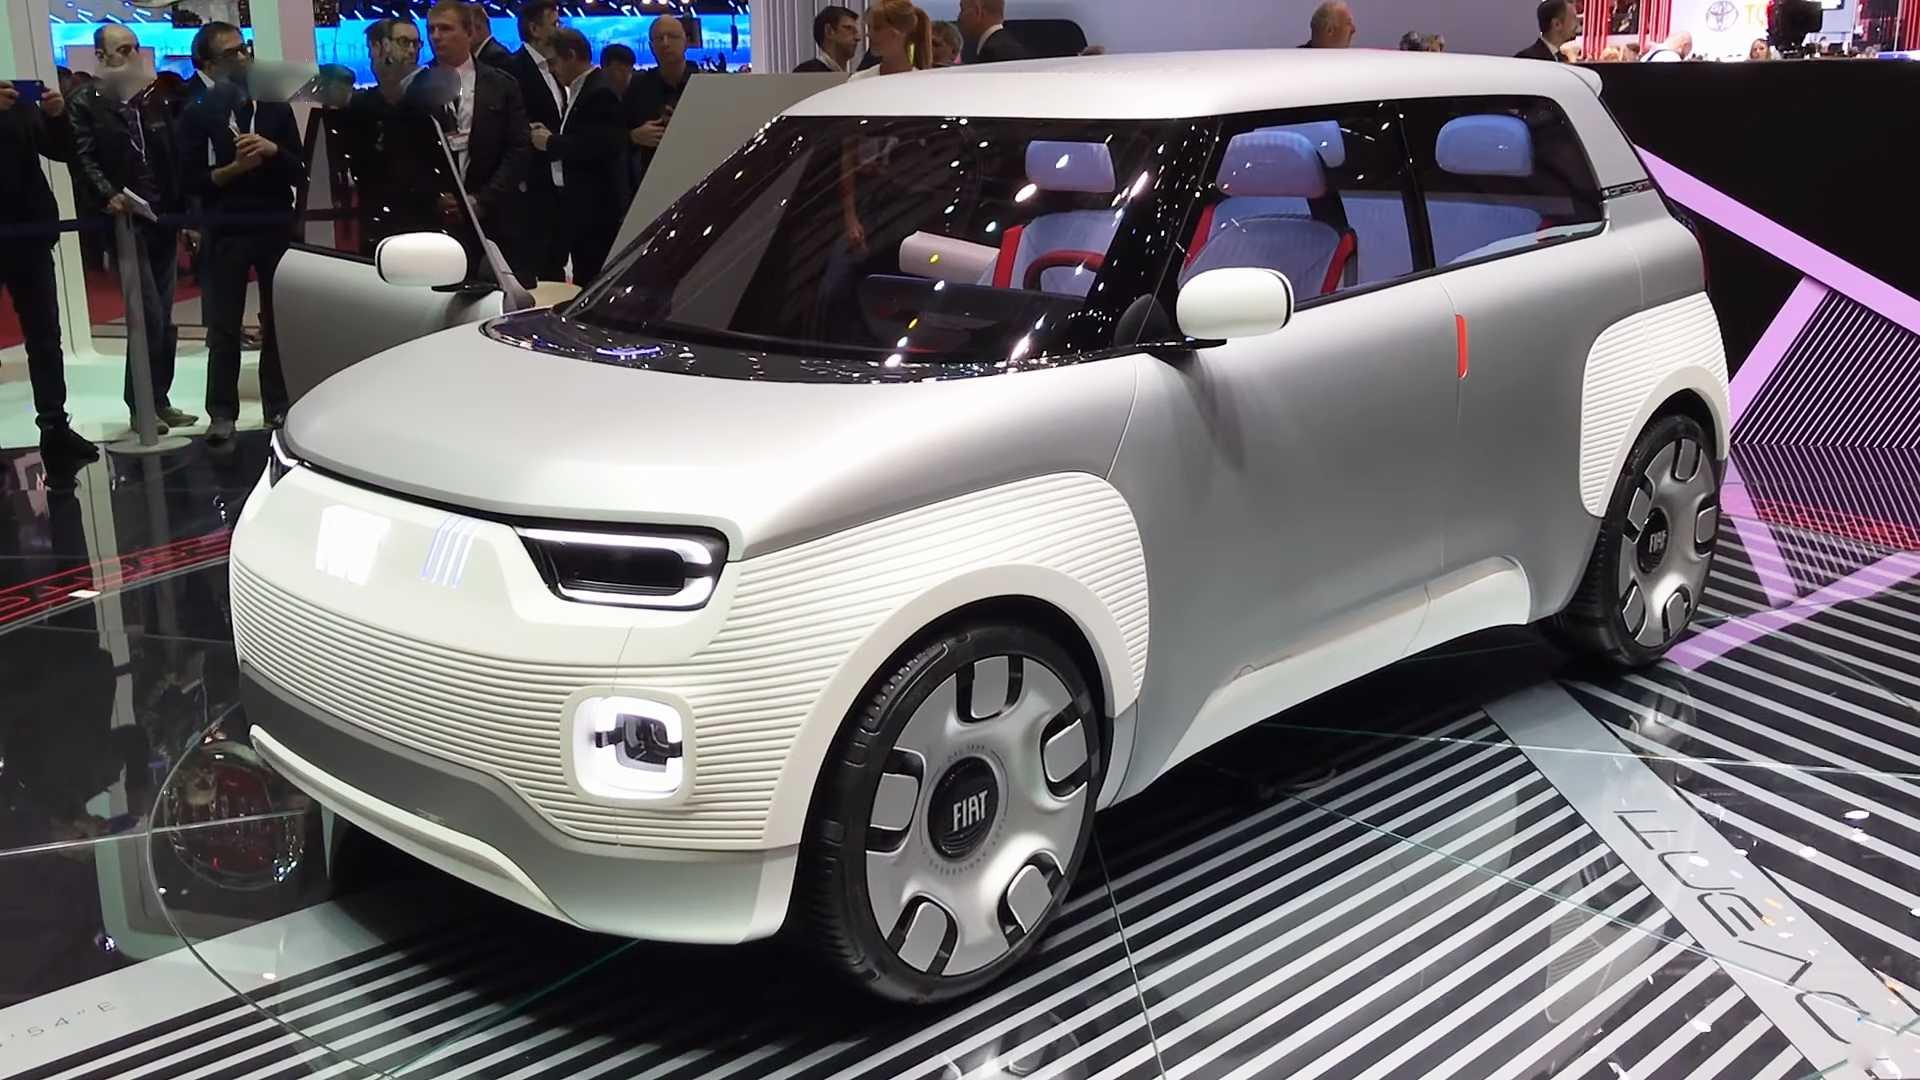 Марка Fiat представила электрический концепт-конструктор — Centoventi